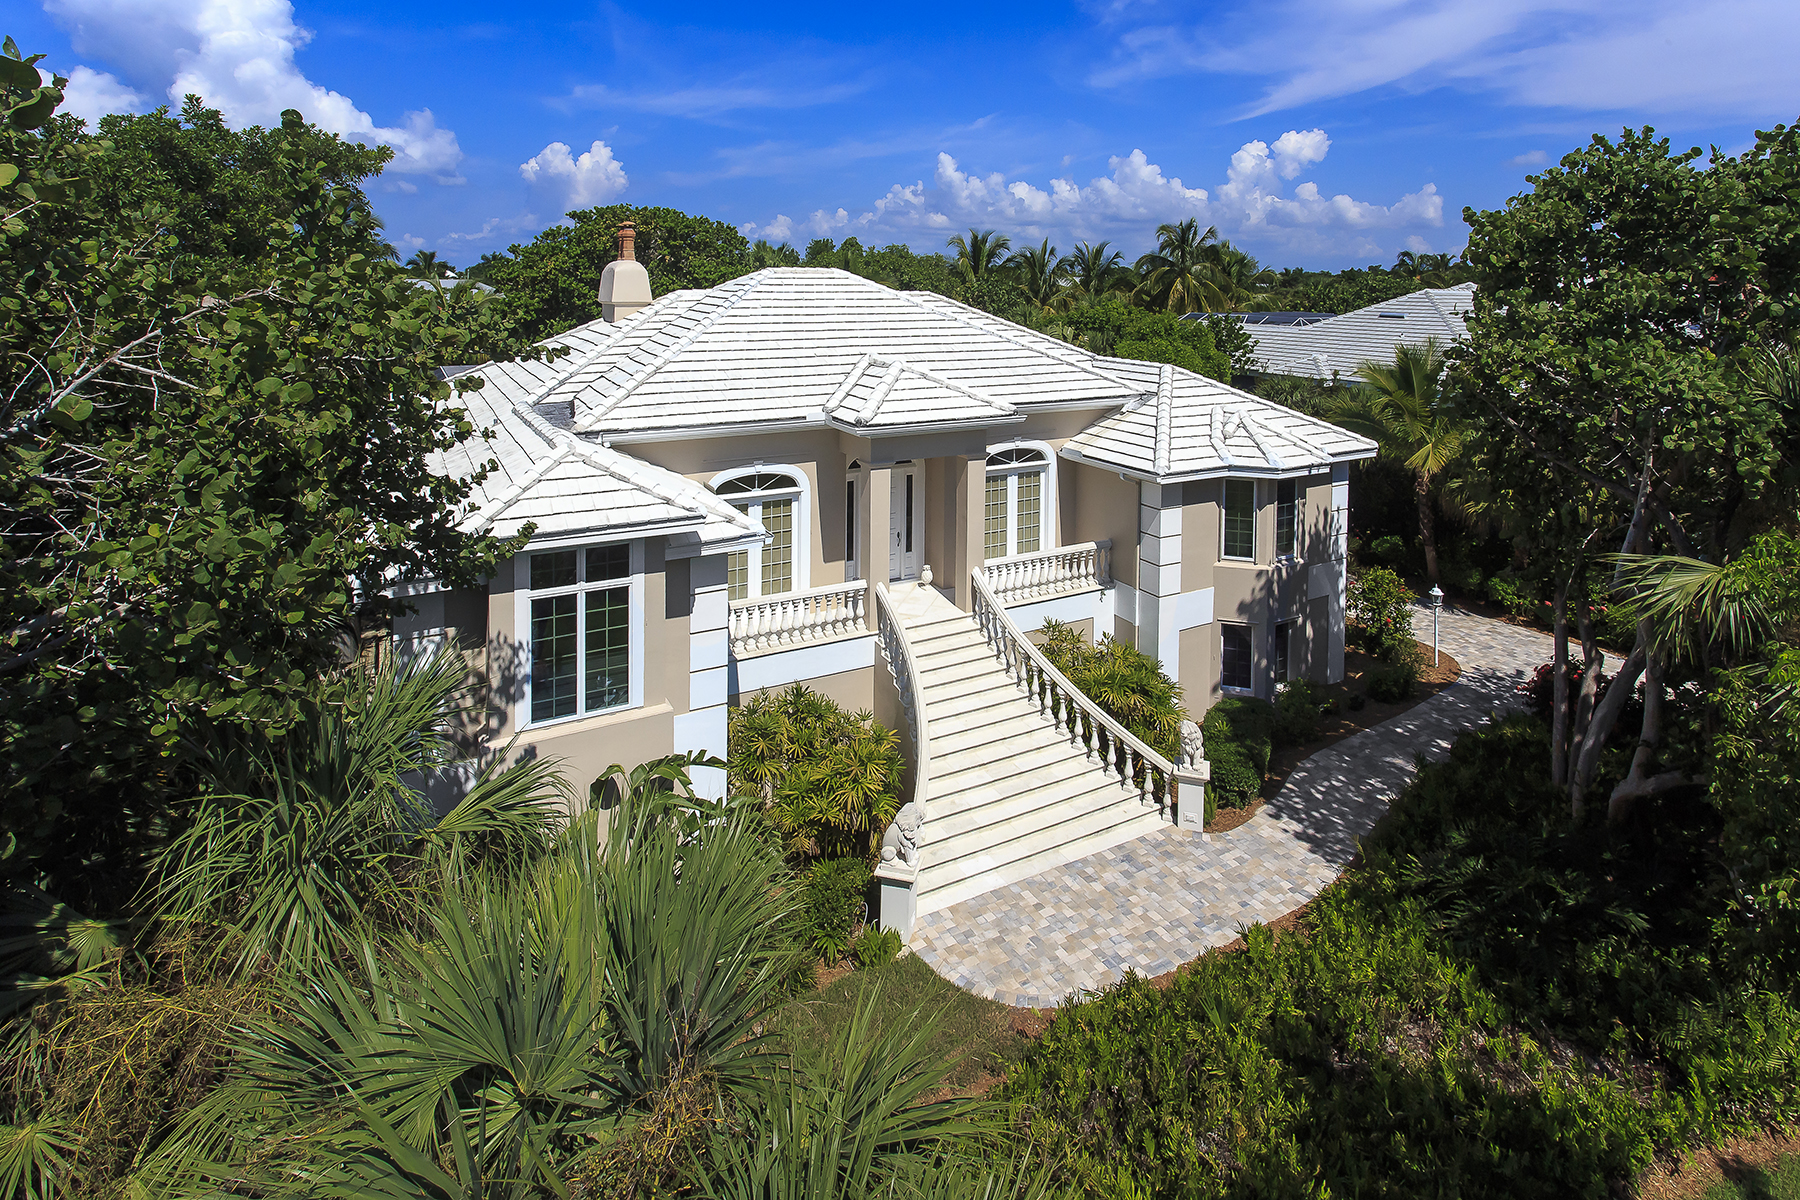 단독 가정 주택 용 매매 에 SANIBEL 626 Kinzie Island Ct Sanibel, 플로리다, 33957 미국